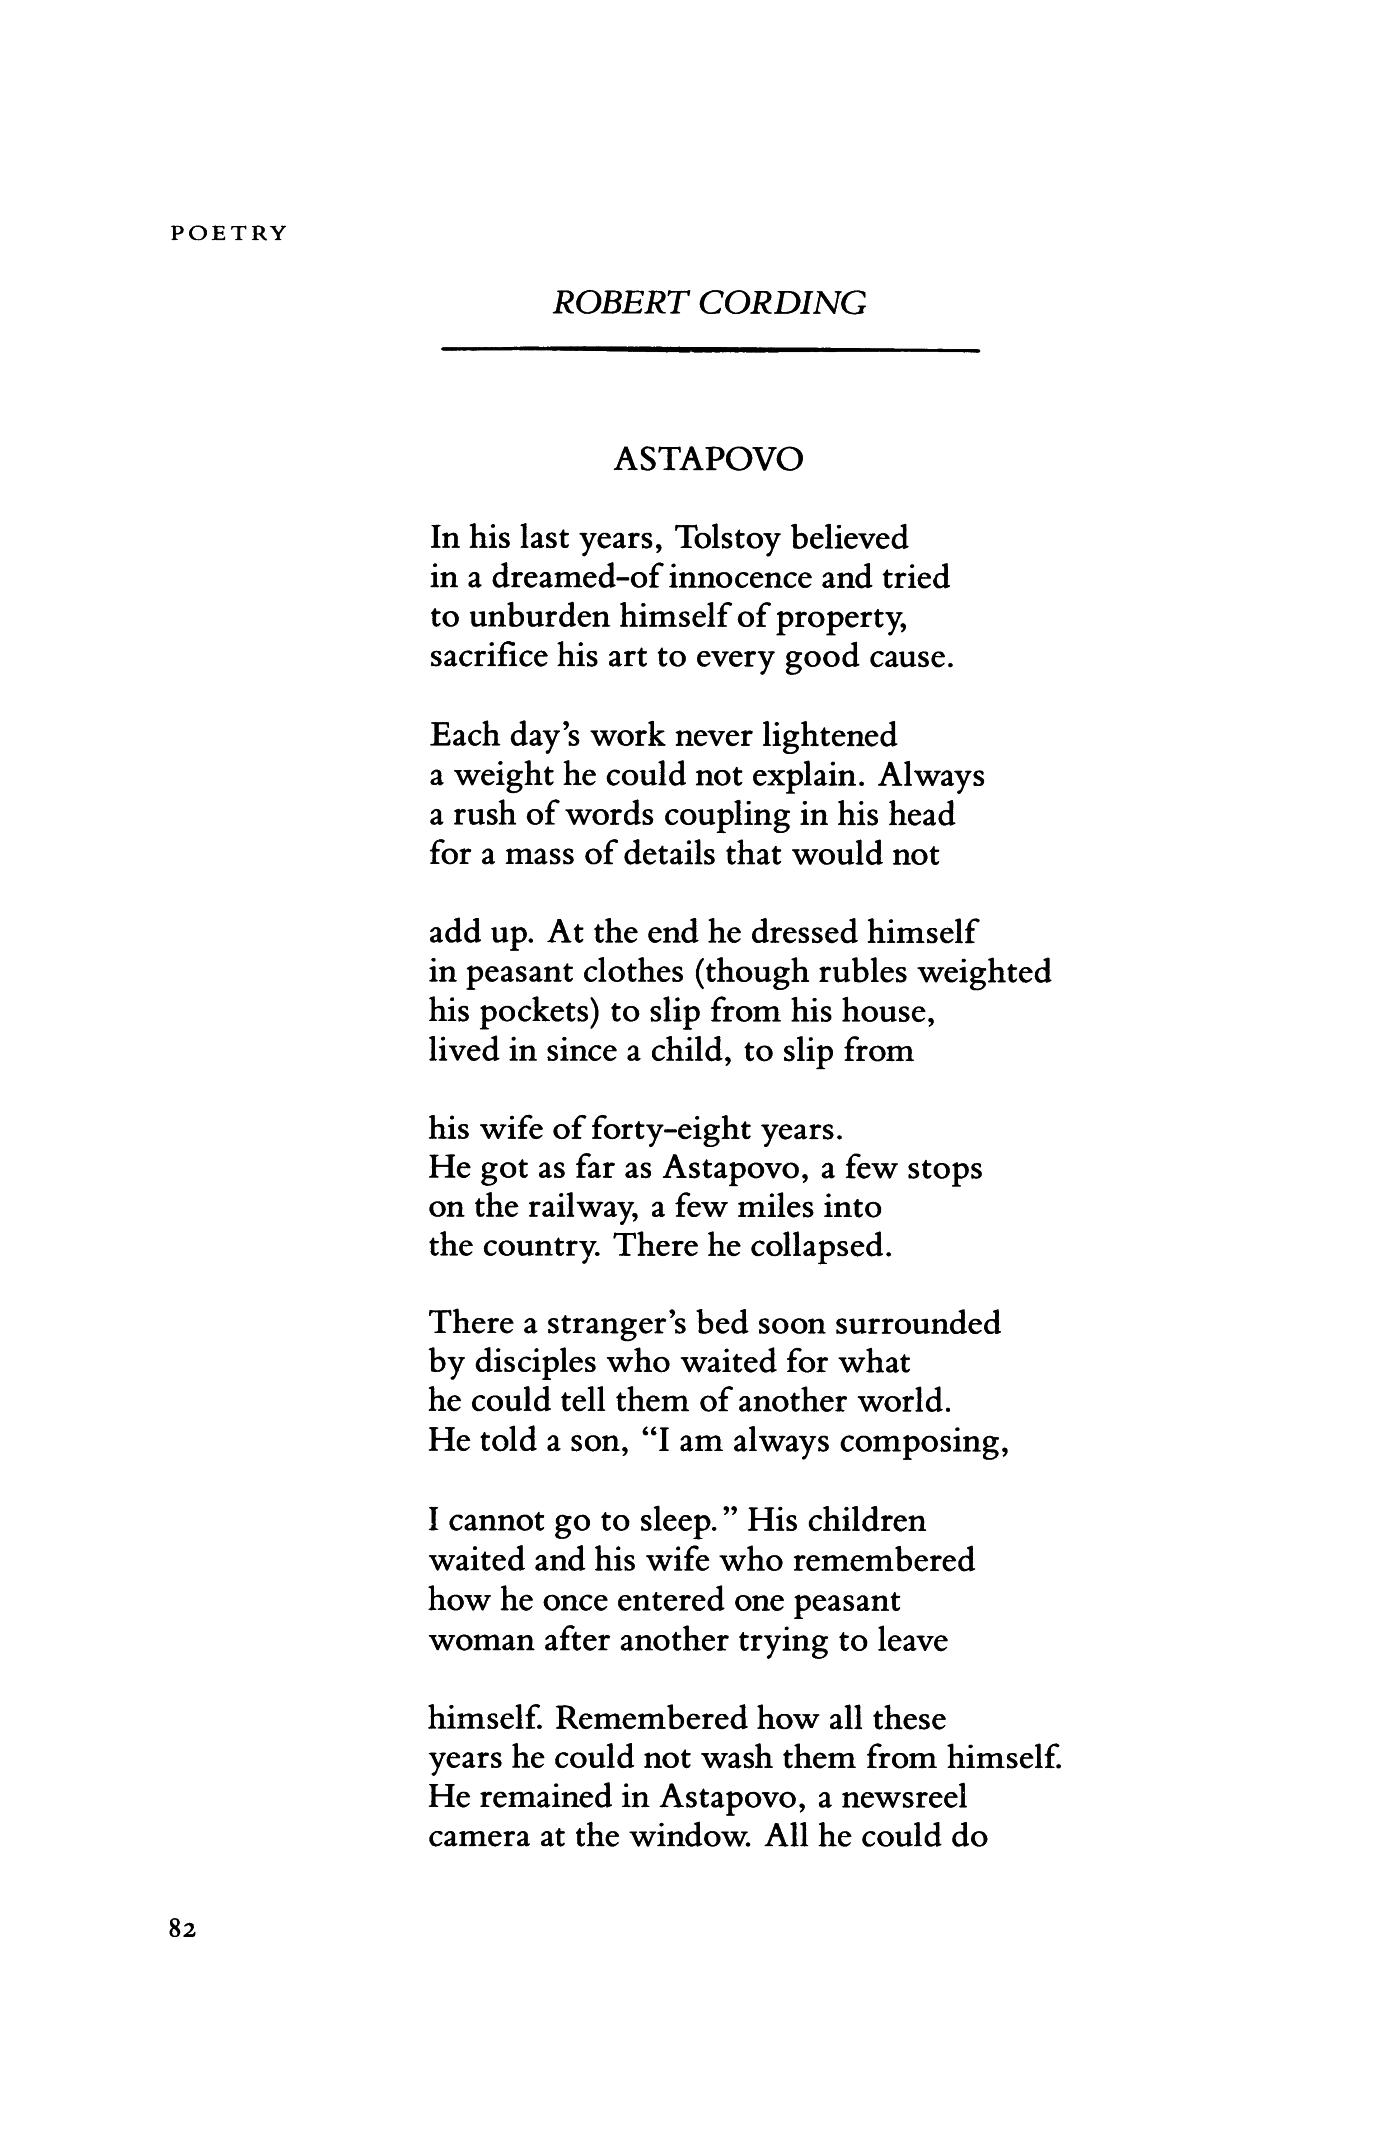 Astapovo by Robert Cording | Poetry Magazine